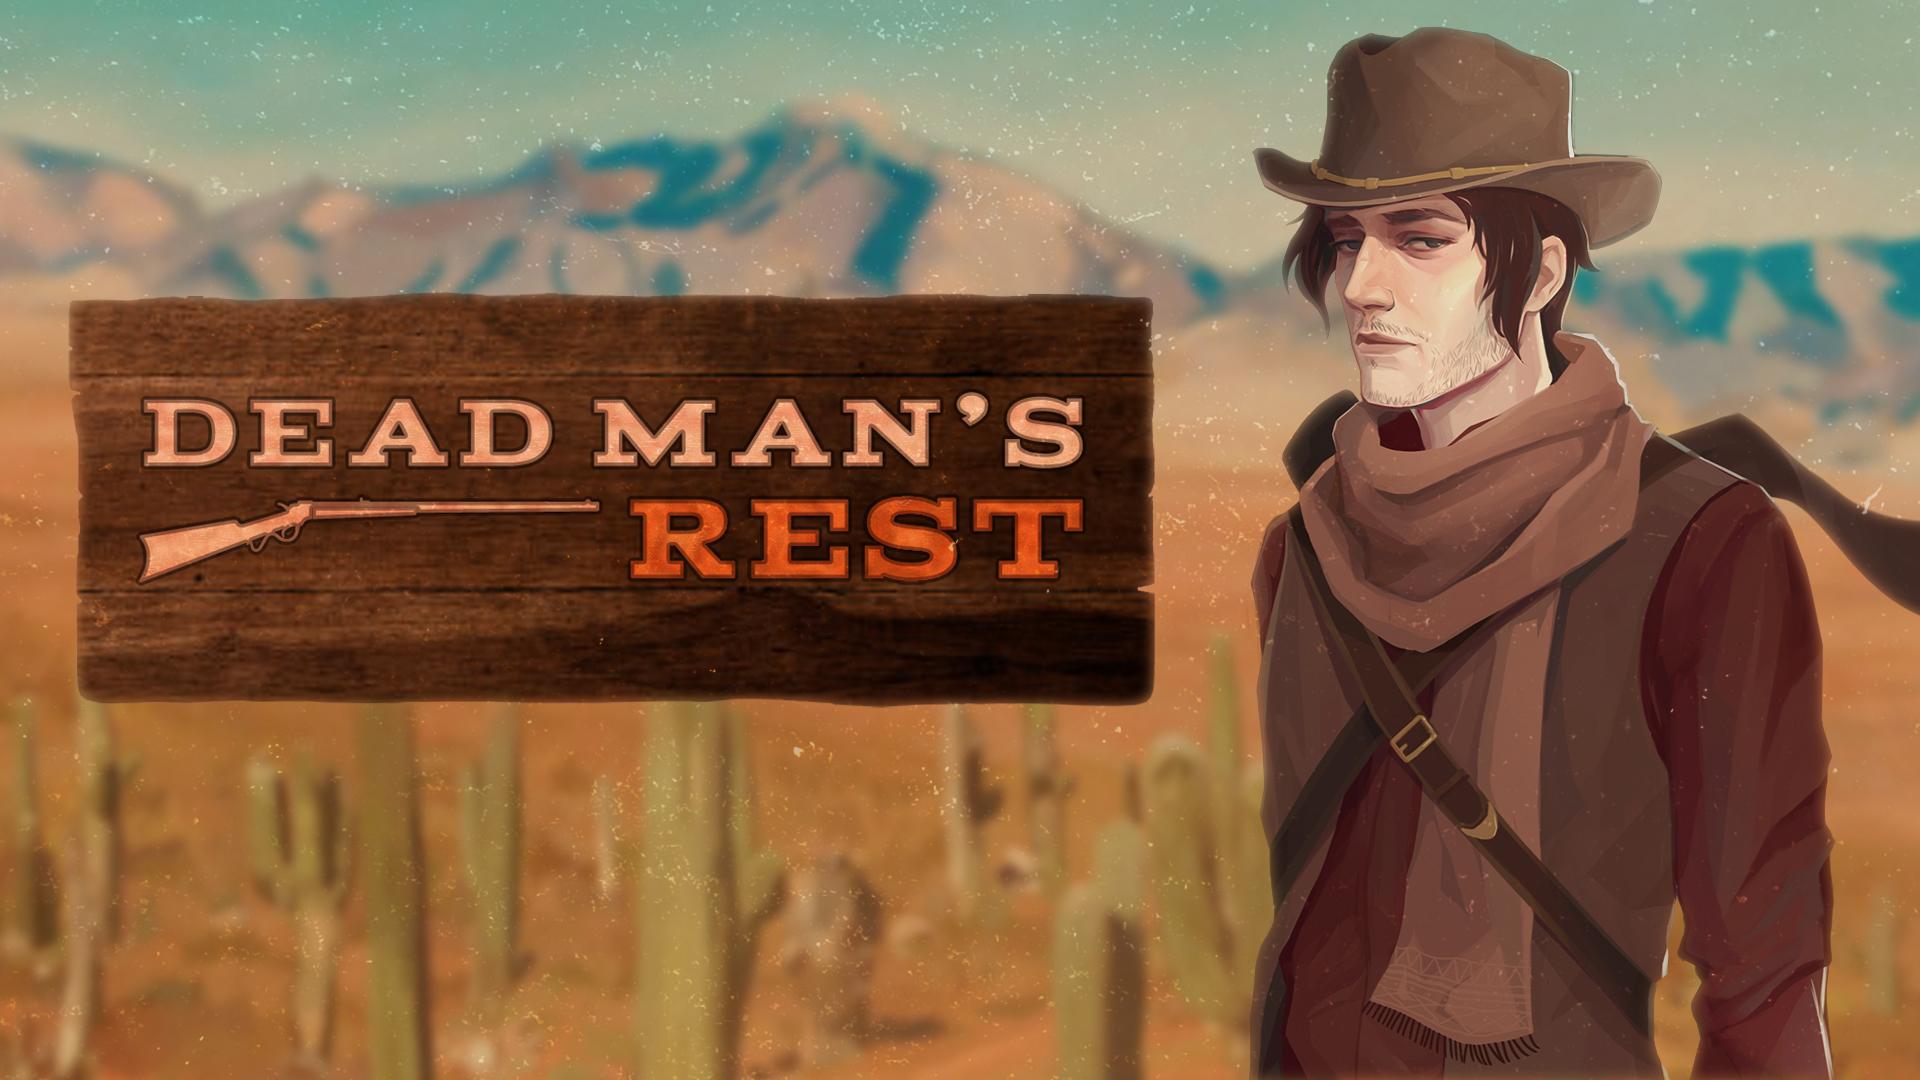 Dead Man's Rest